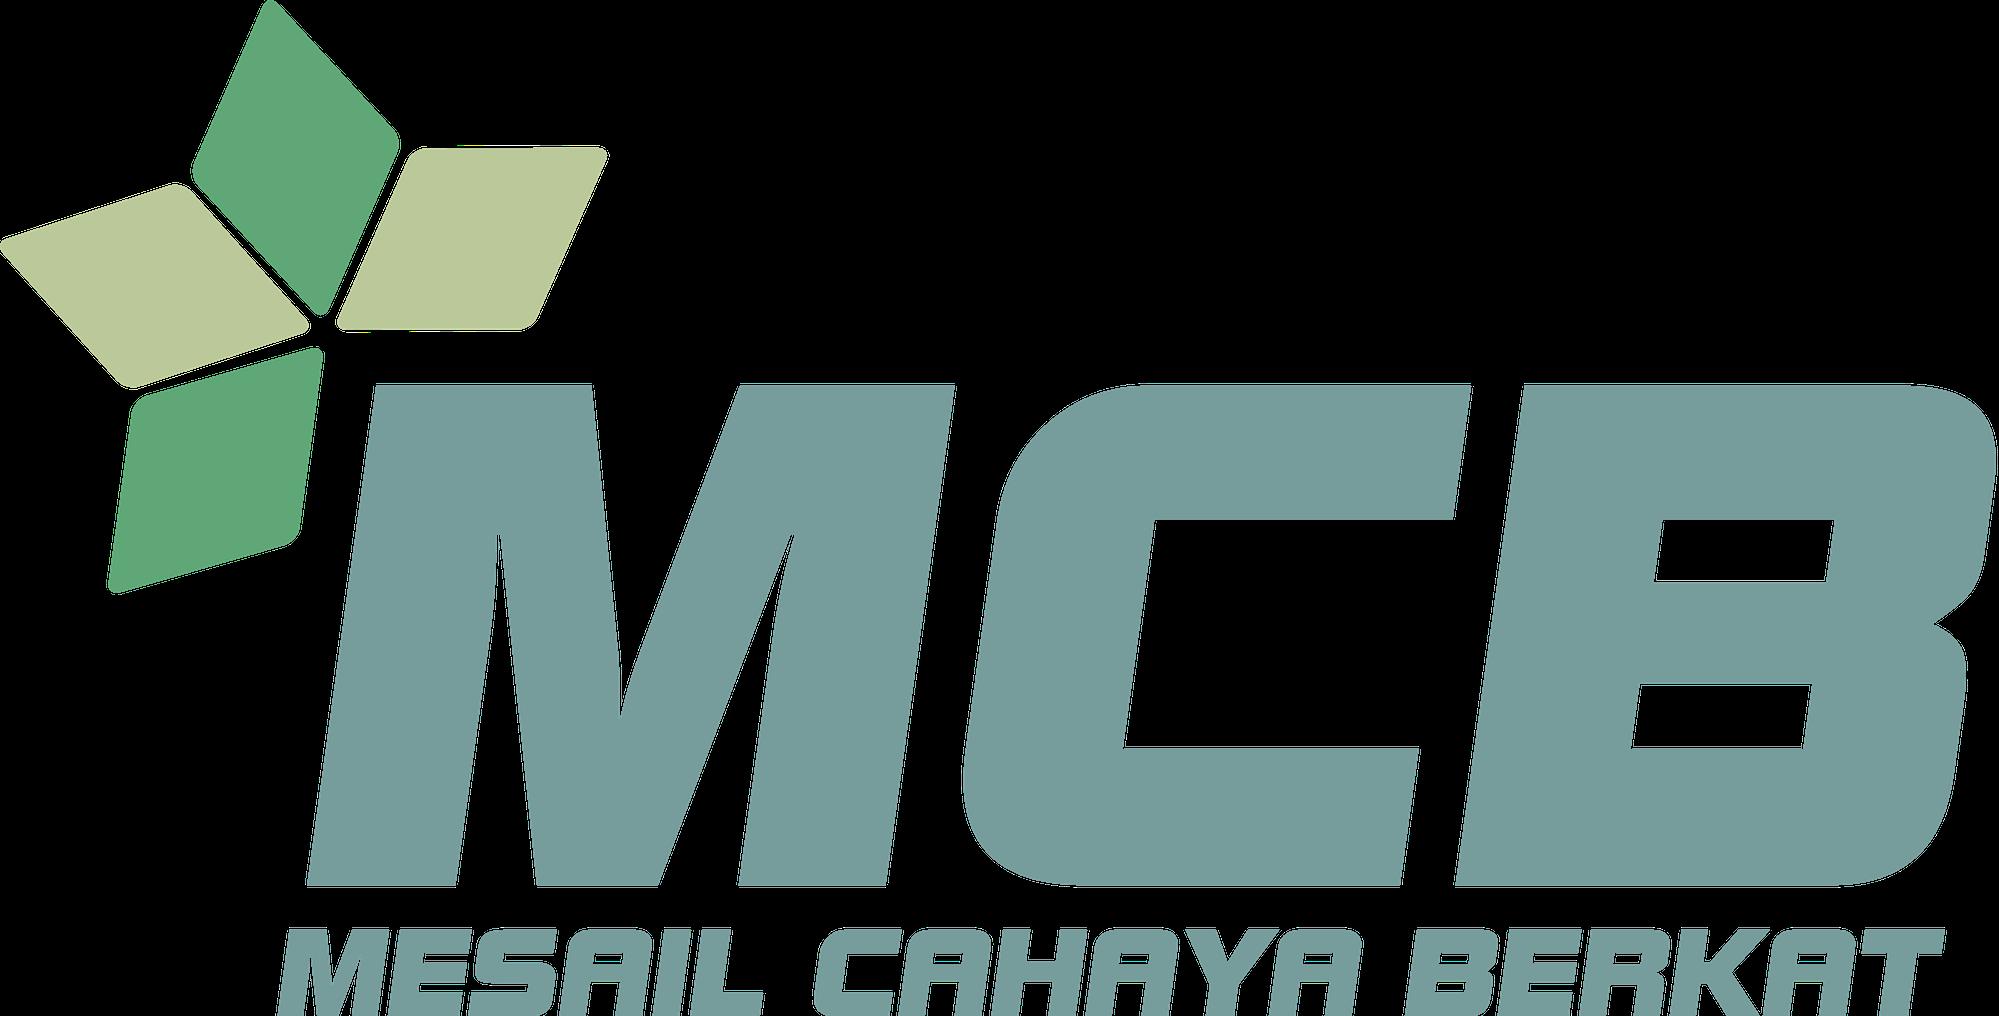 mesail cahaya berkat logo